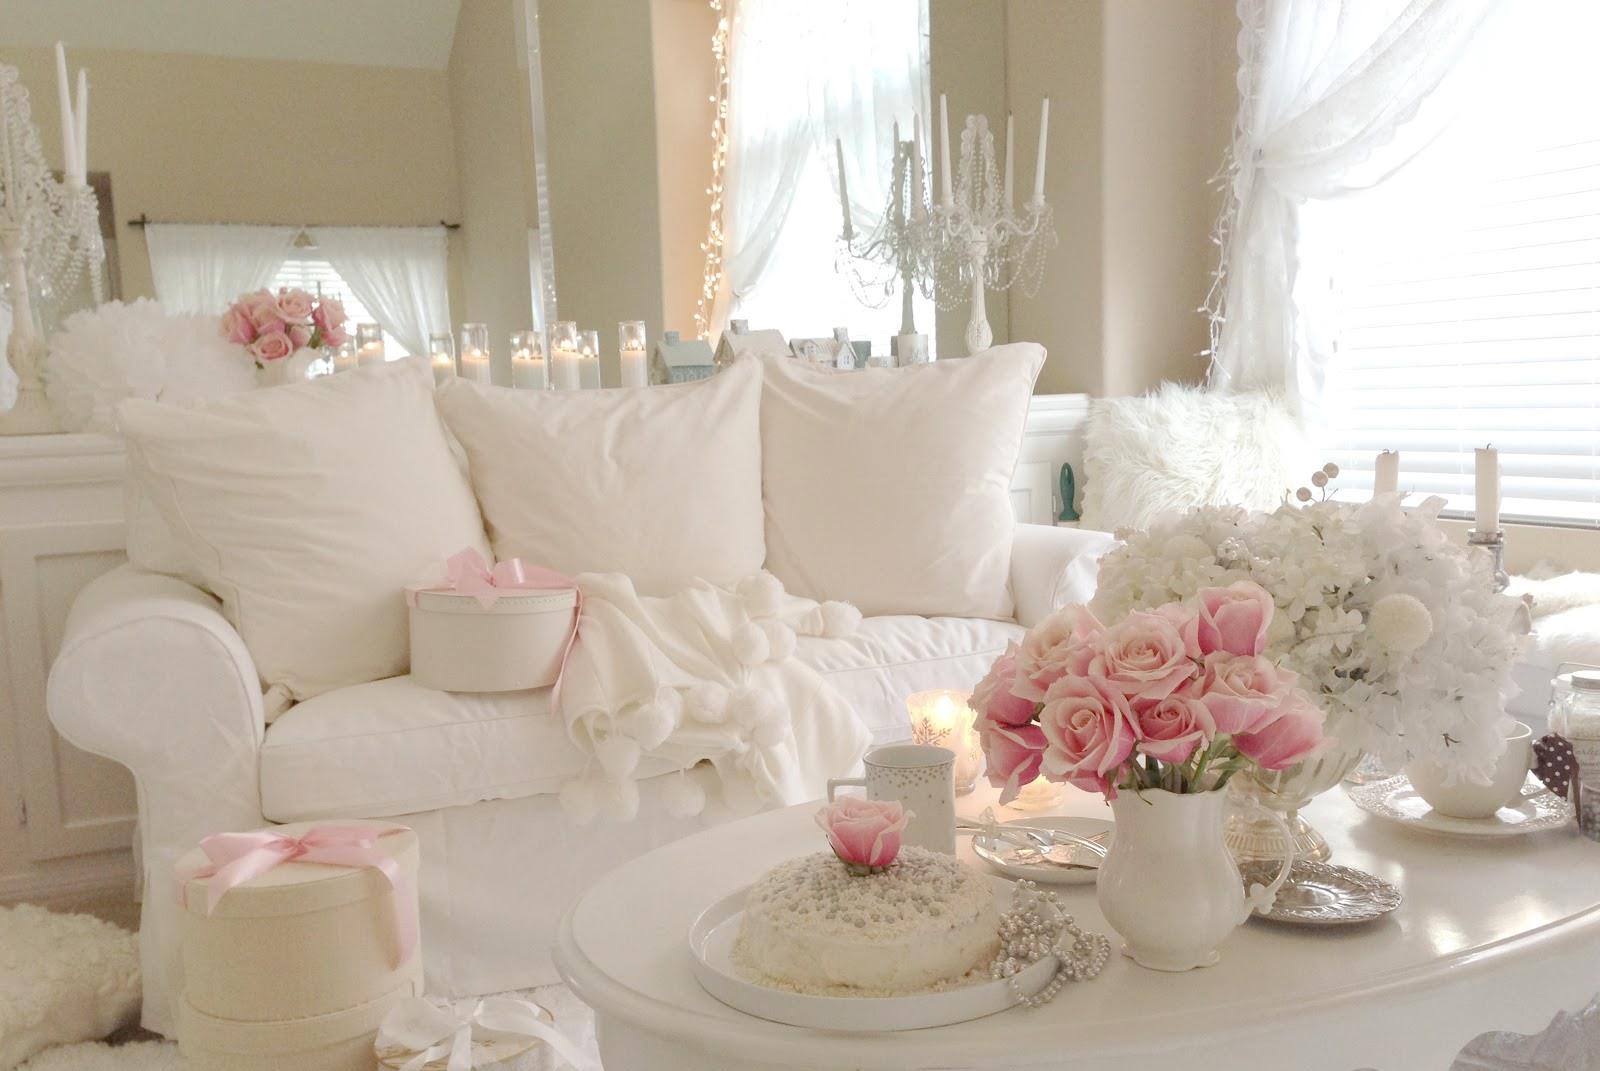 pembe-beyaz-dosemeli-beyaz-ev-dekorasyonu-modeli